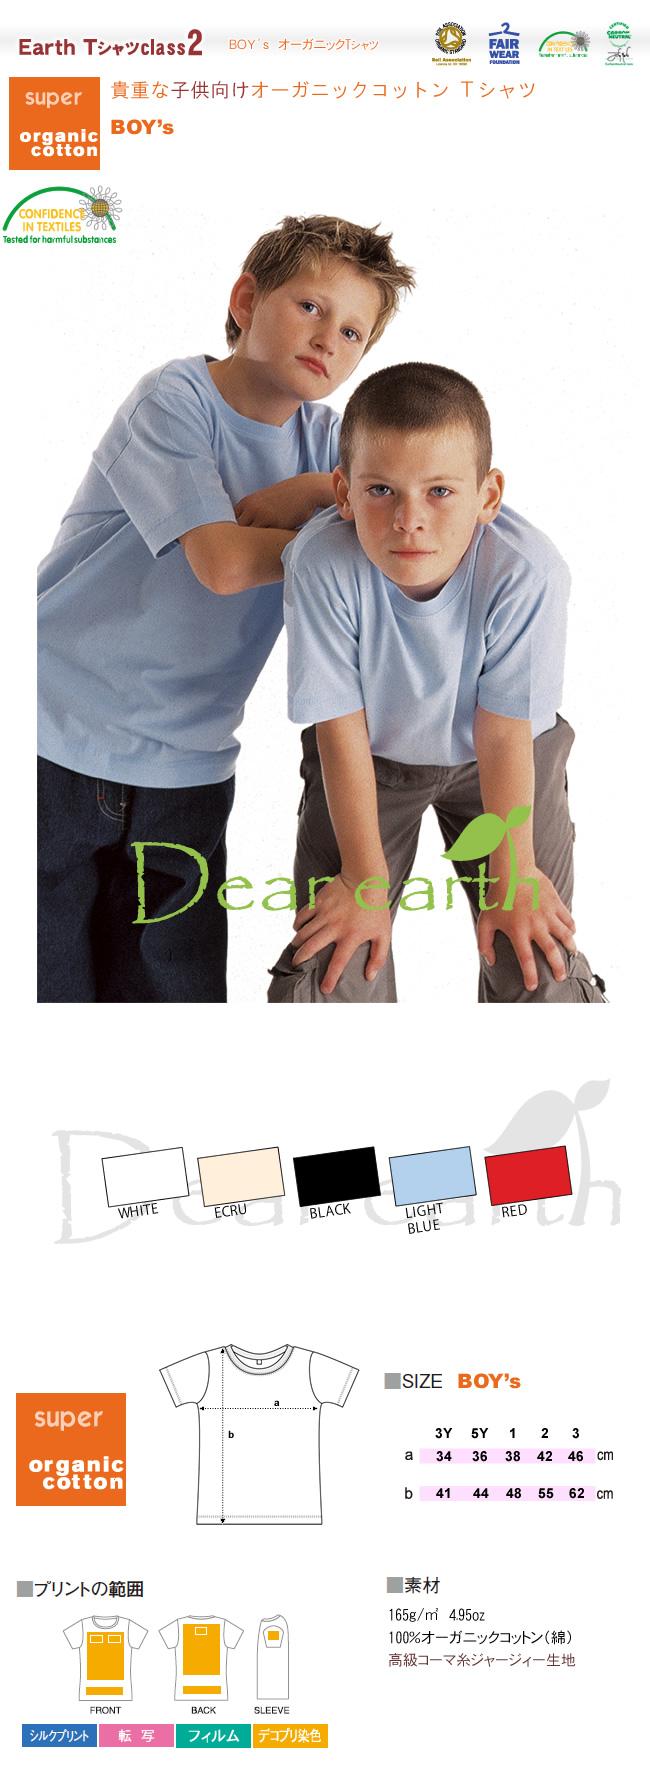 子供用オーガニックTシャツclass2(EC10)ボーイズ&オーガニックコットン